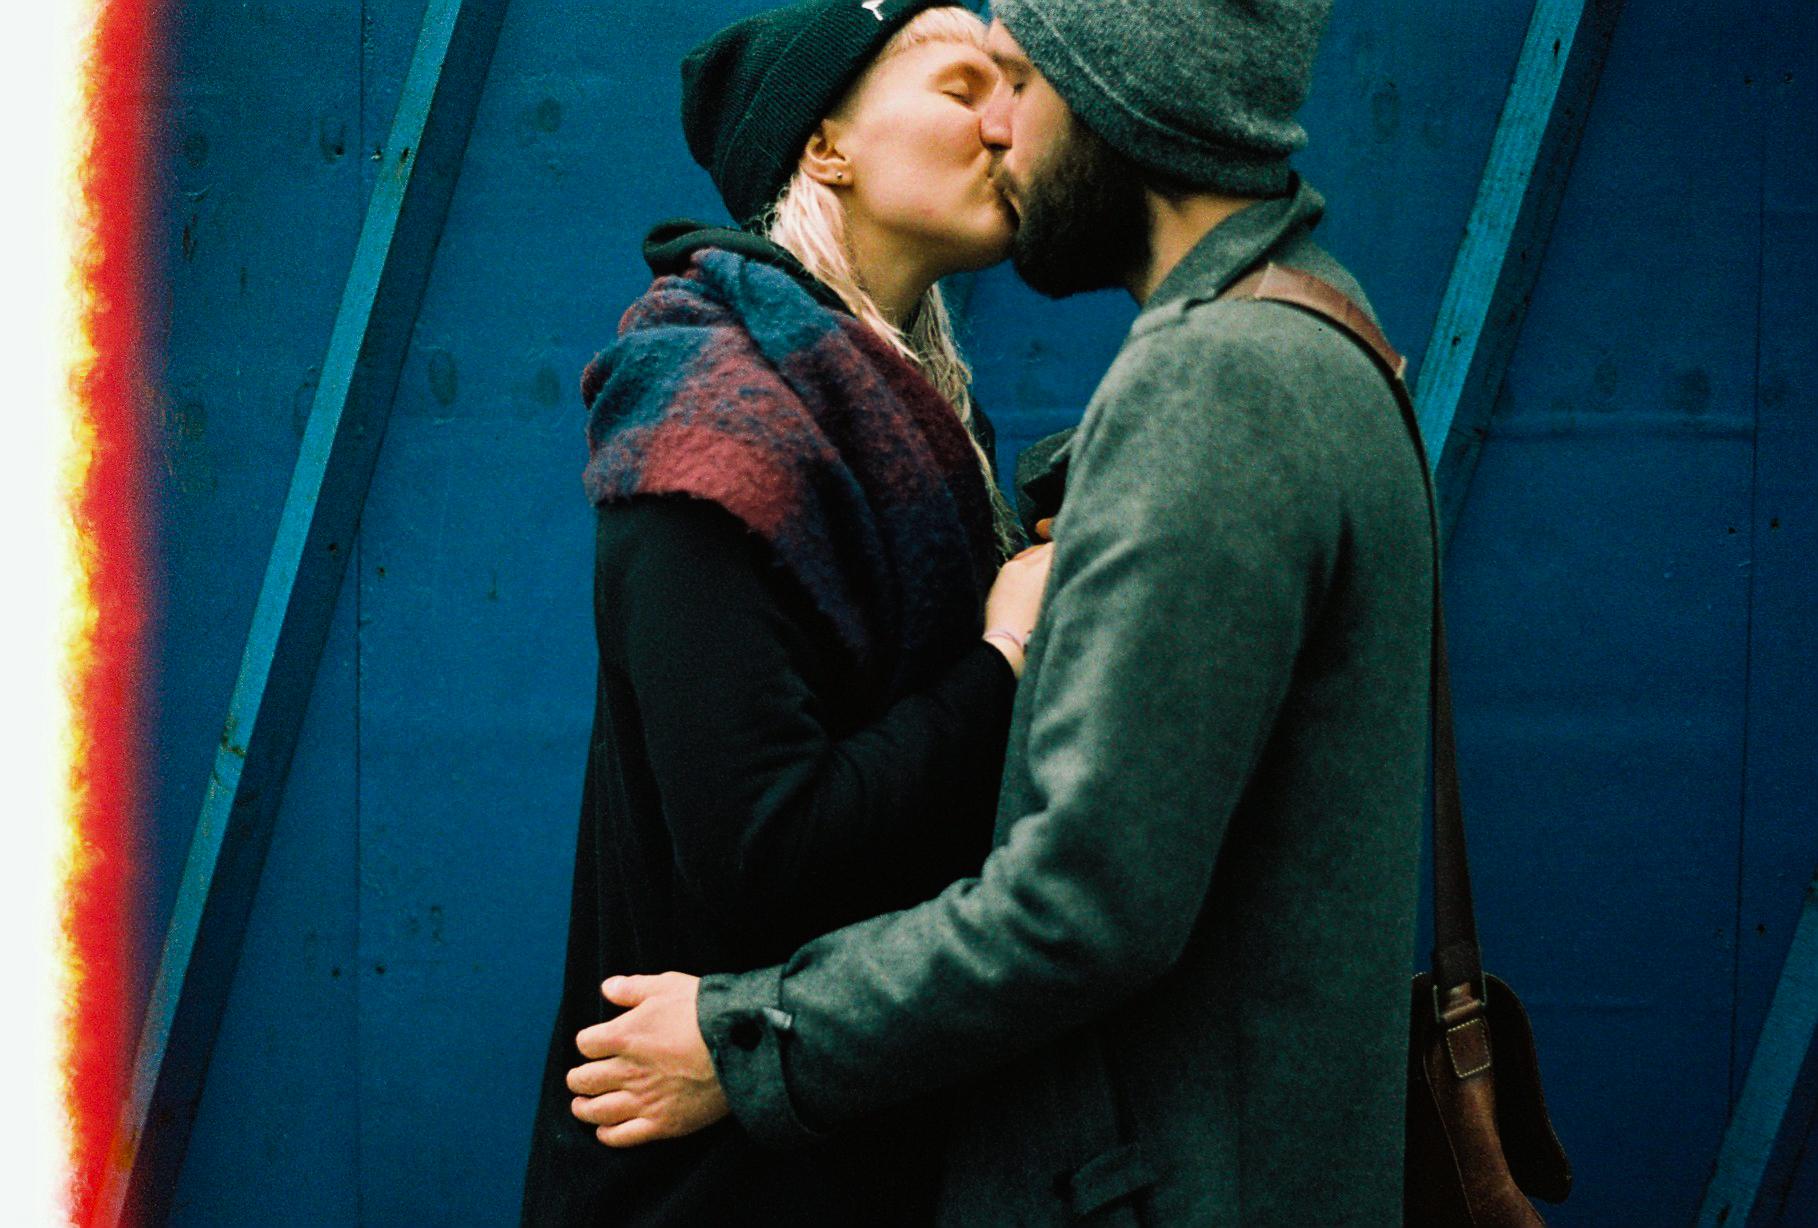 Léa-Fery-photographe-professionnel-lyon-rhone-alpes-portrait-creation-mariage-evenement-evenementiel-famille-000044.jpg